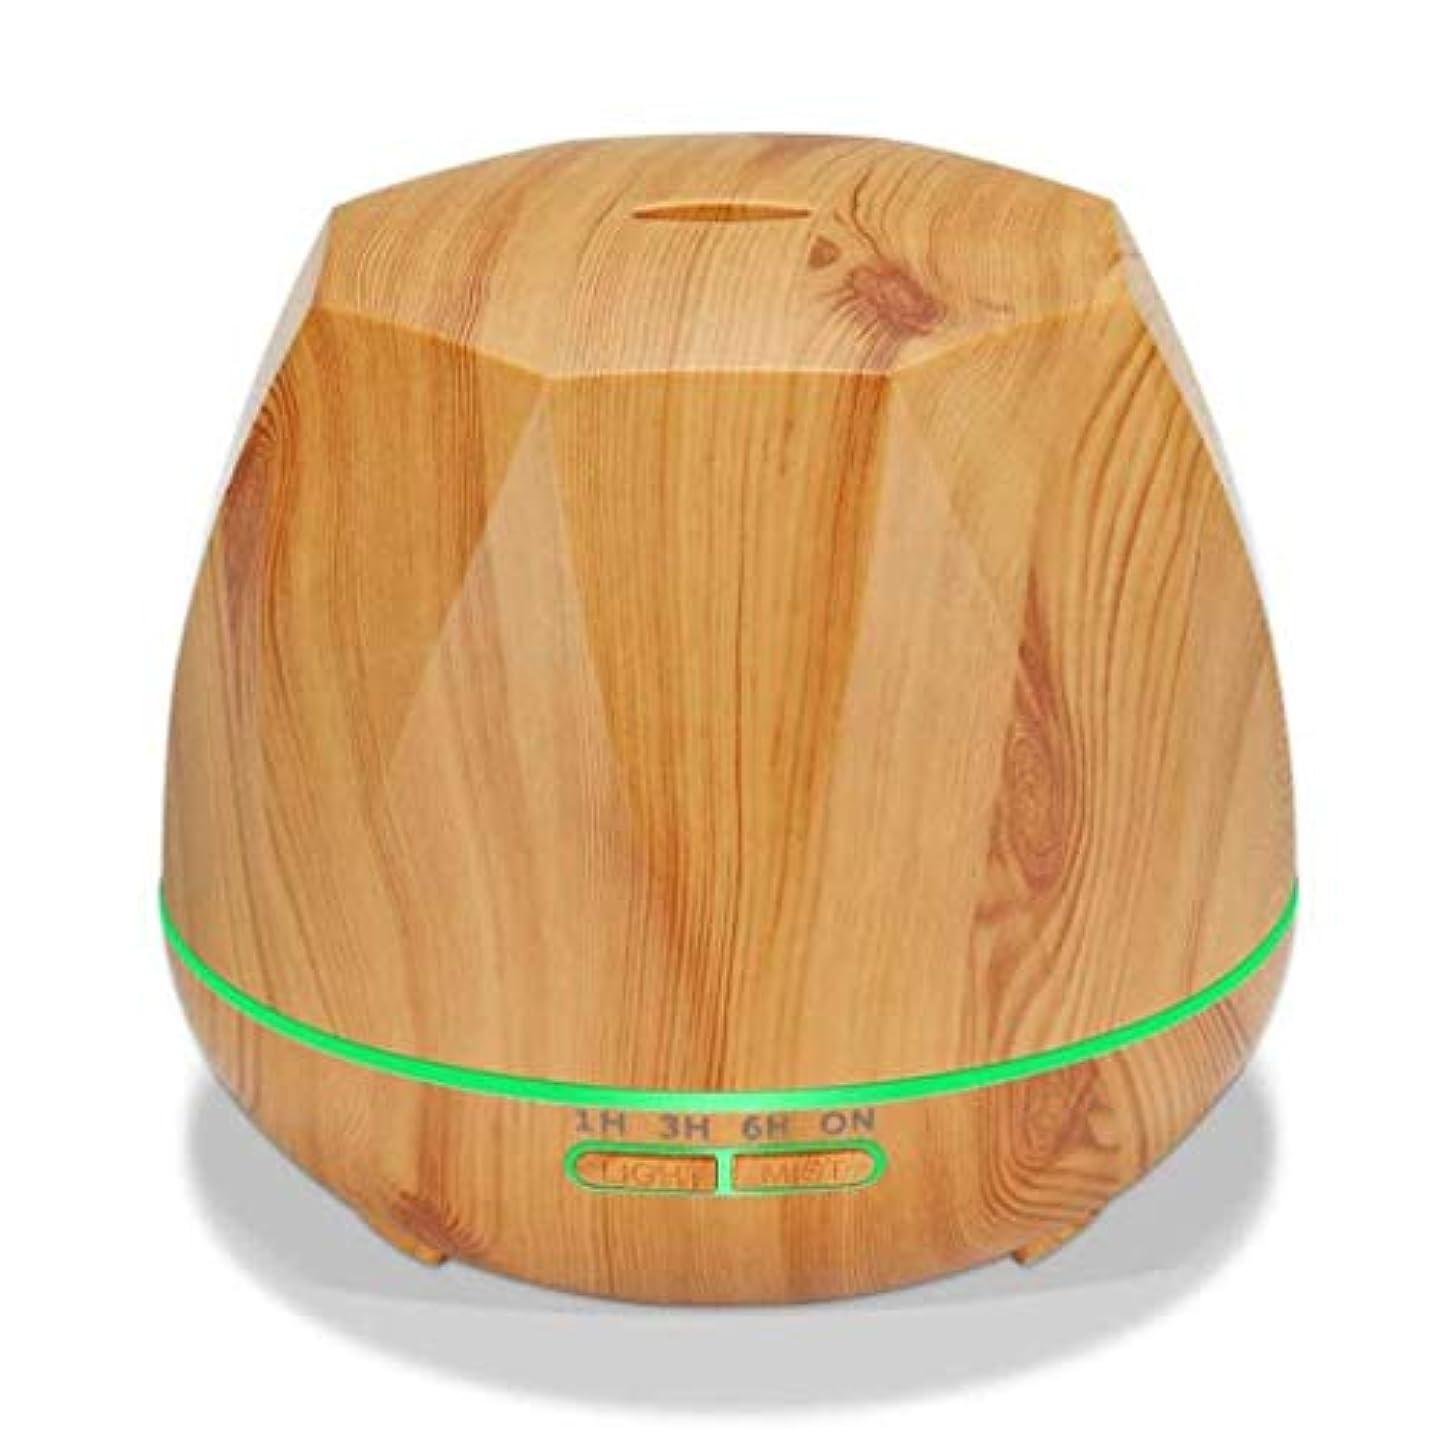 虚栄心足鉱石クールミスト空気加湿器、カラーLEDライト付き交換用超音波、ヨガ、オフィス、スパ、寝室、ベビールーム - 木目調 (Color : Light wood grain)